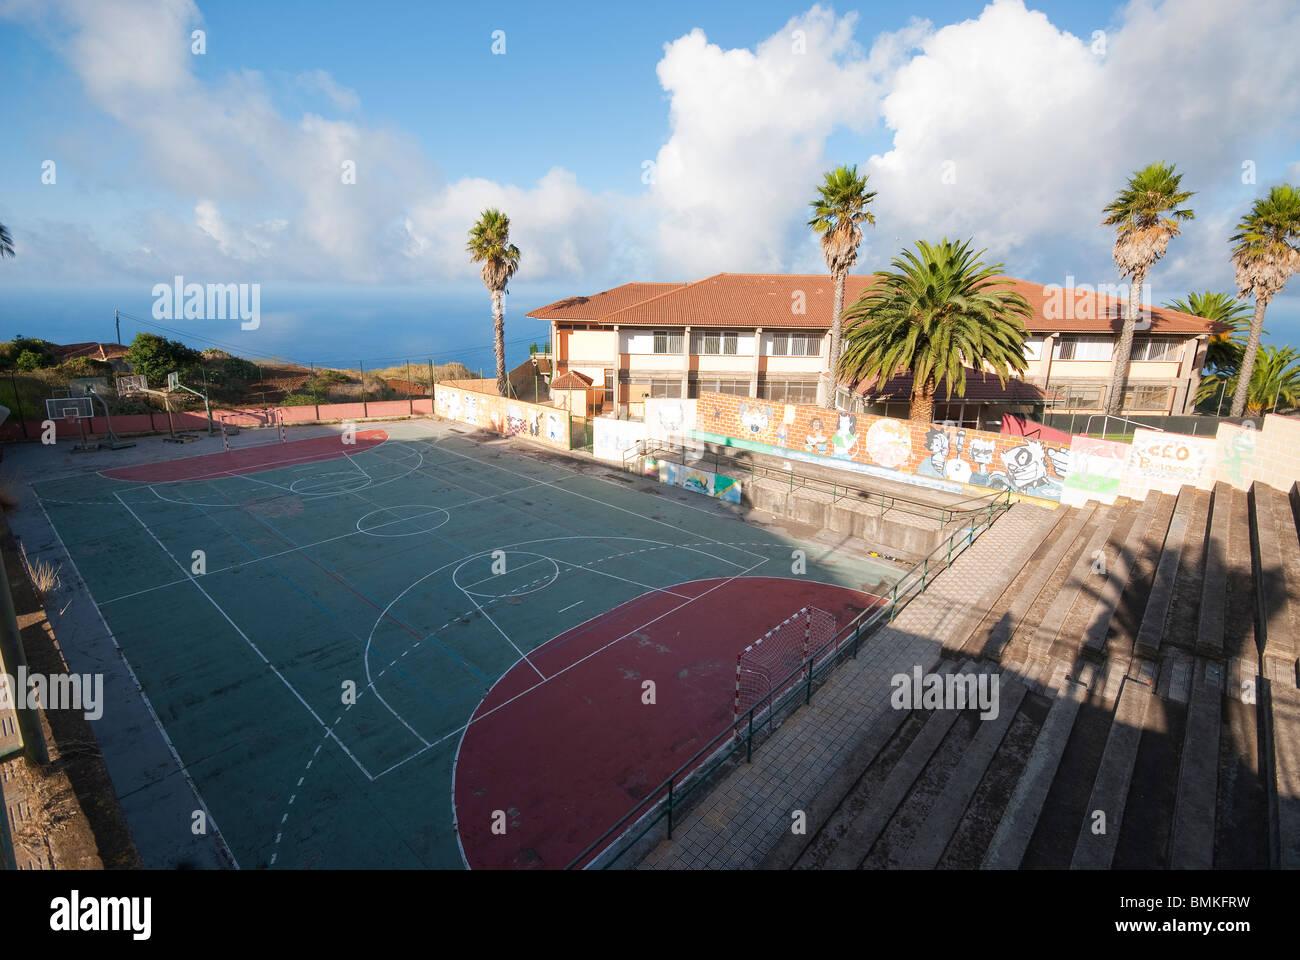 Graffiti en las paredes al lado de un campo de deportes en Barlovento, La Palma, Islas Canarias Imagen De Stock